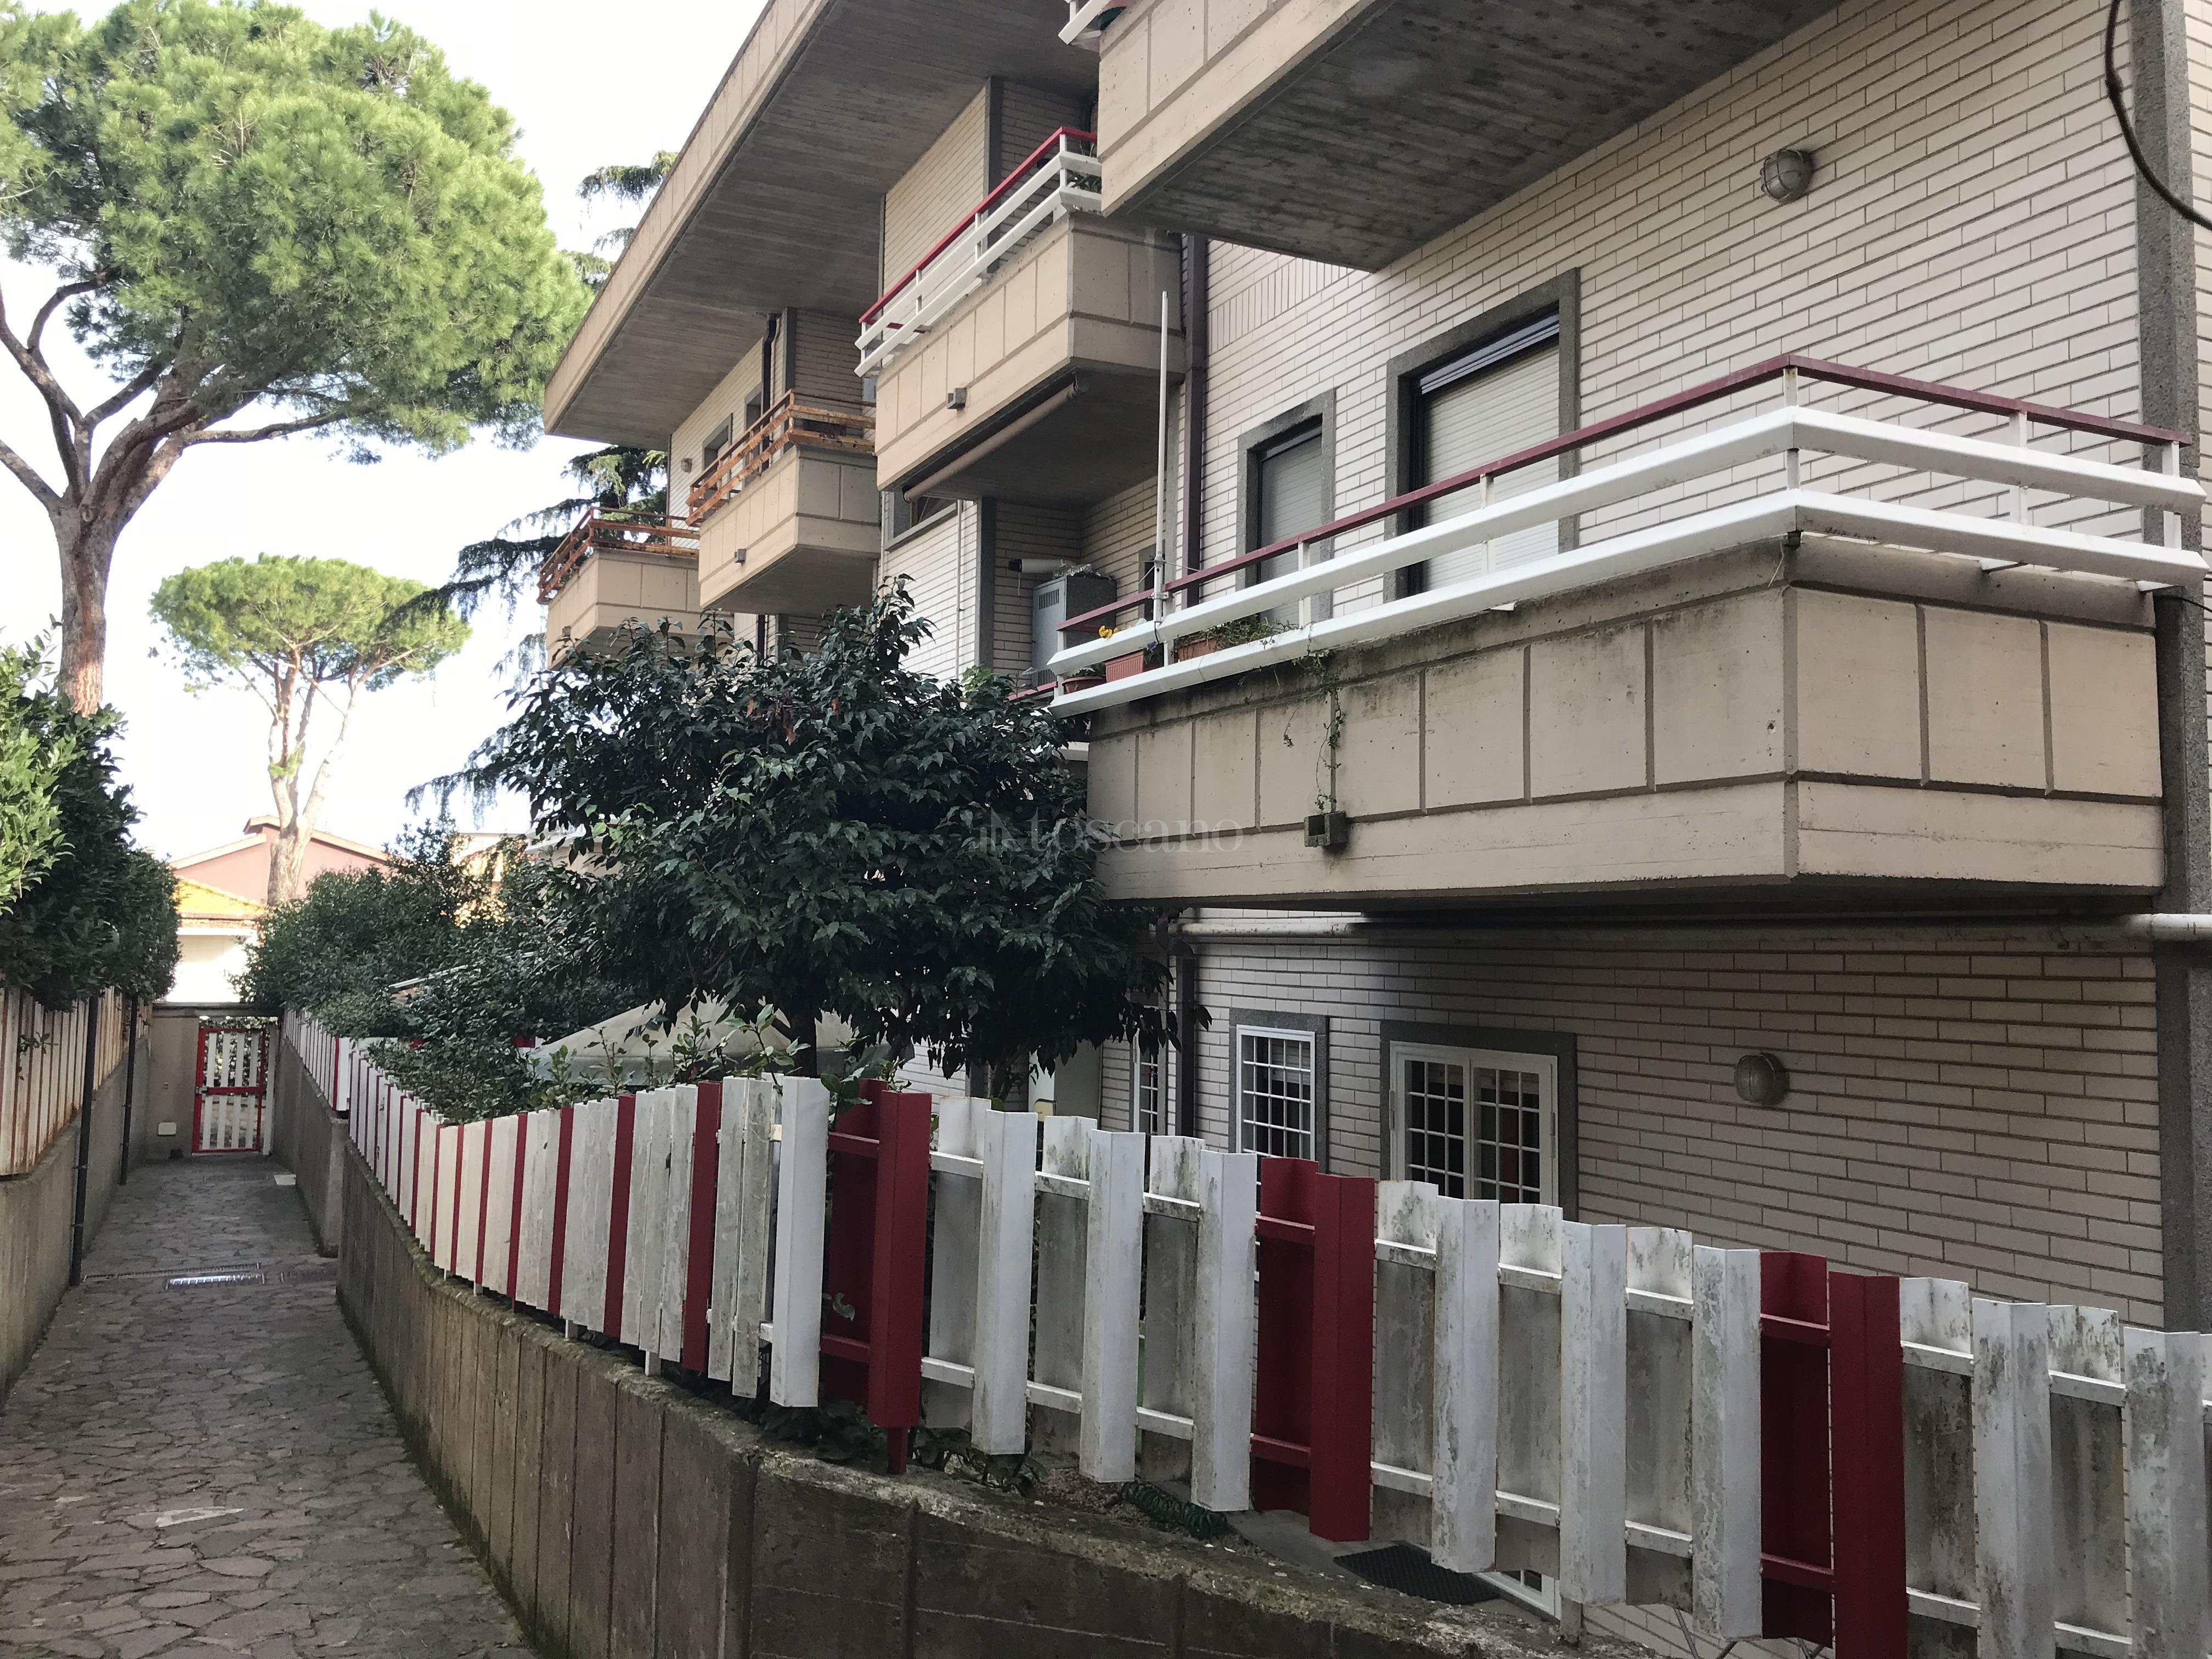 Trilocale in affitto a Roma in Via Valle Della Storta